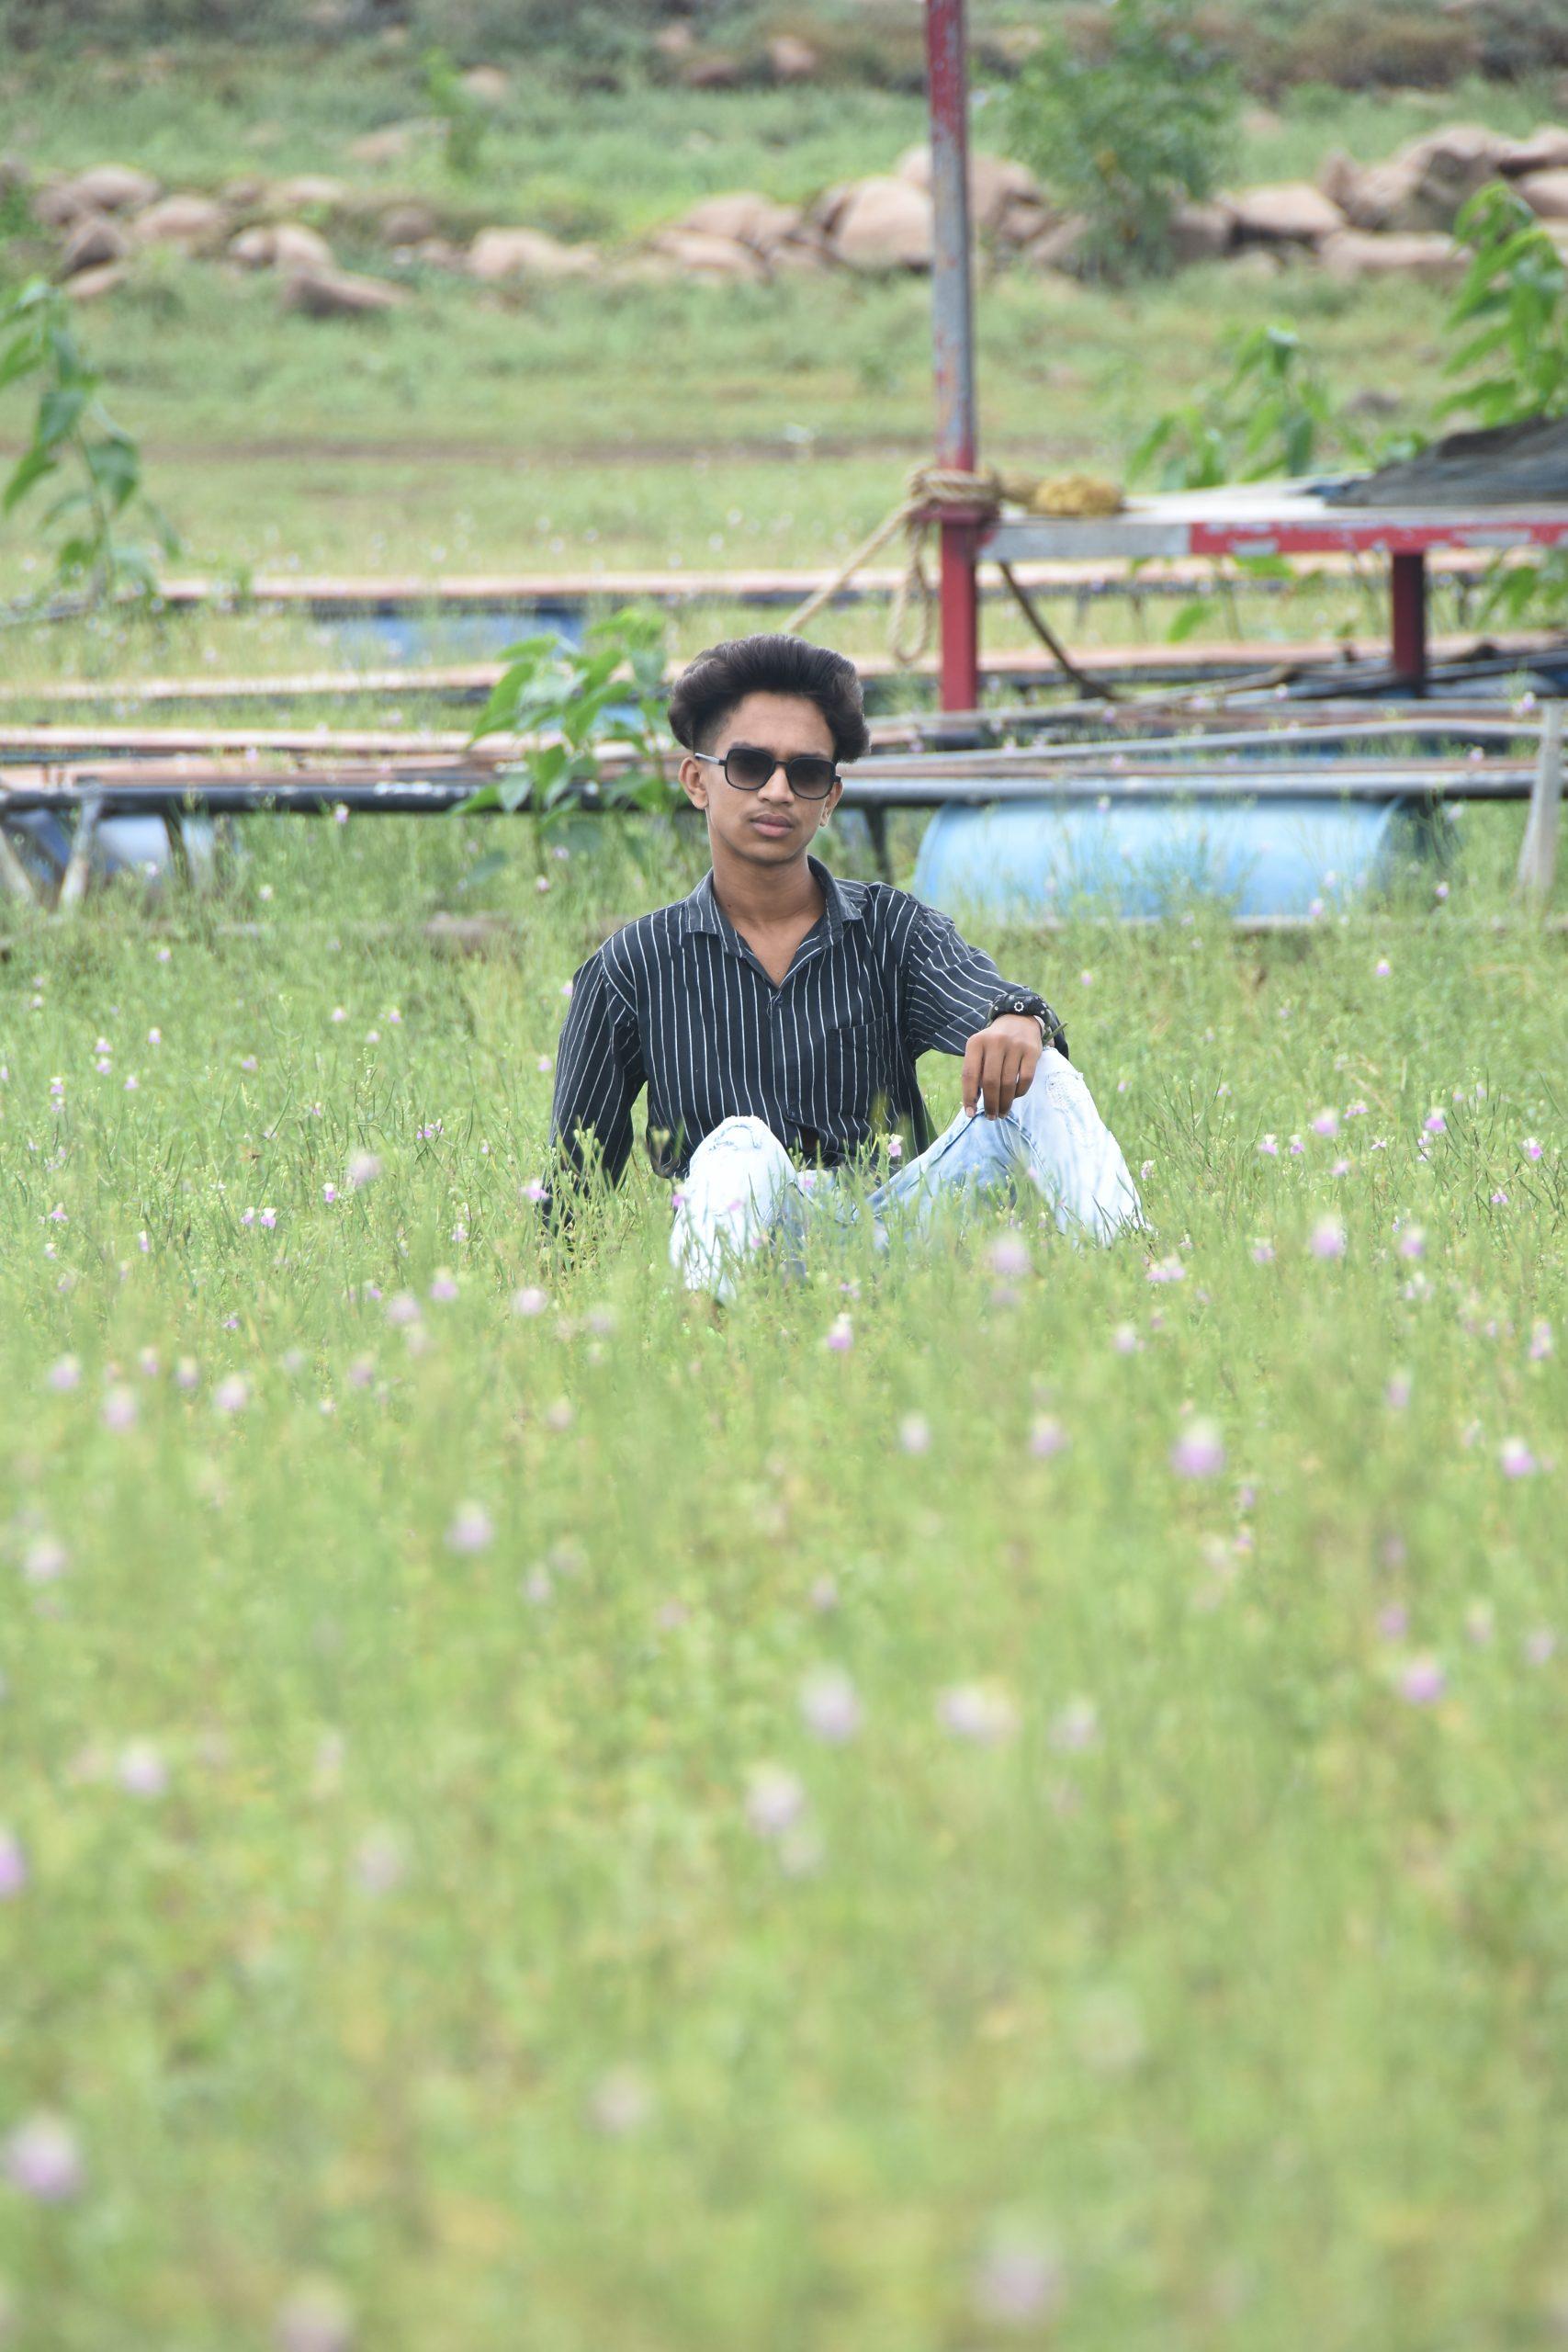 A boy sitting on grass